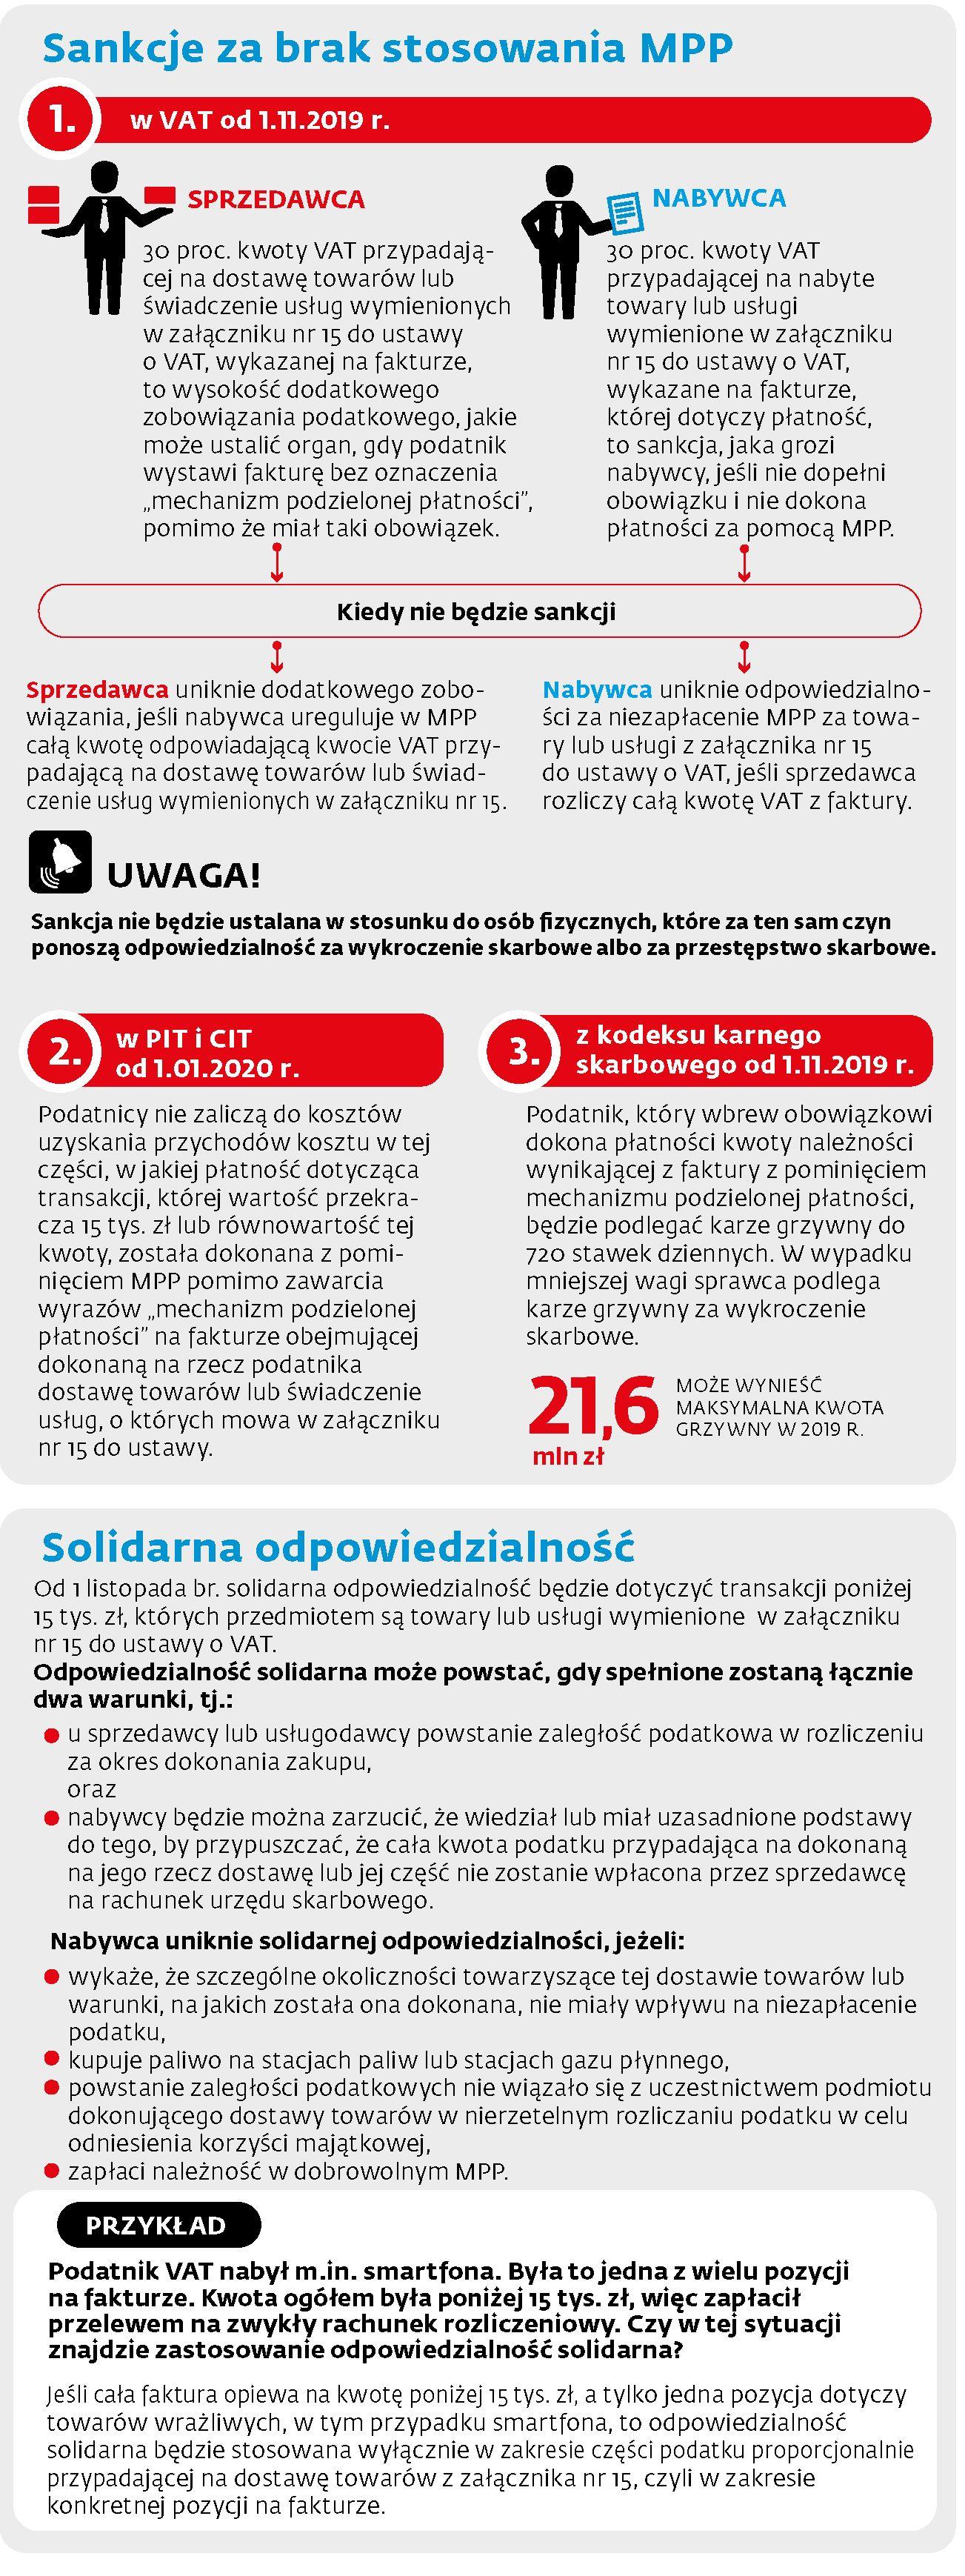 MPP - Sankcje